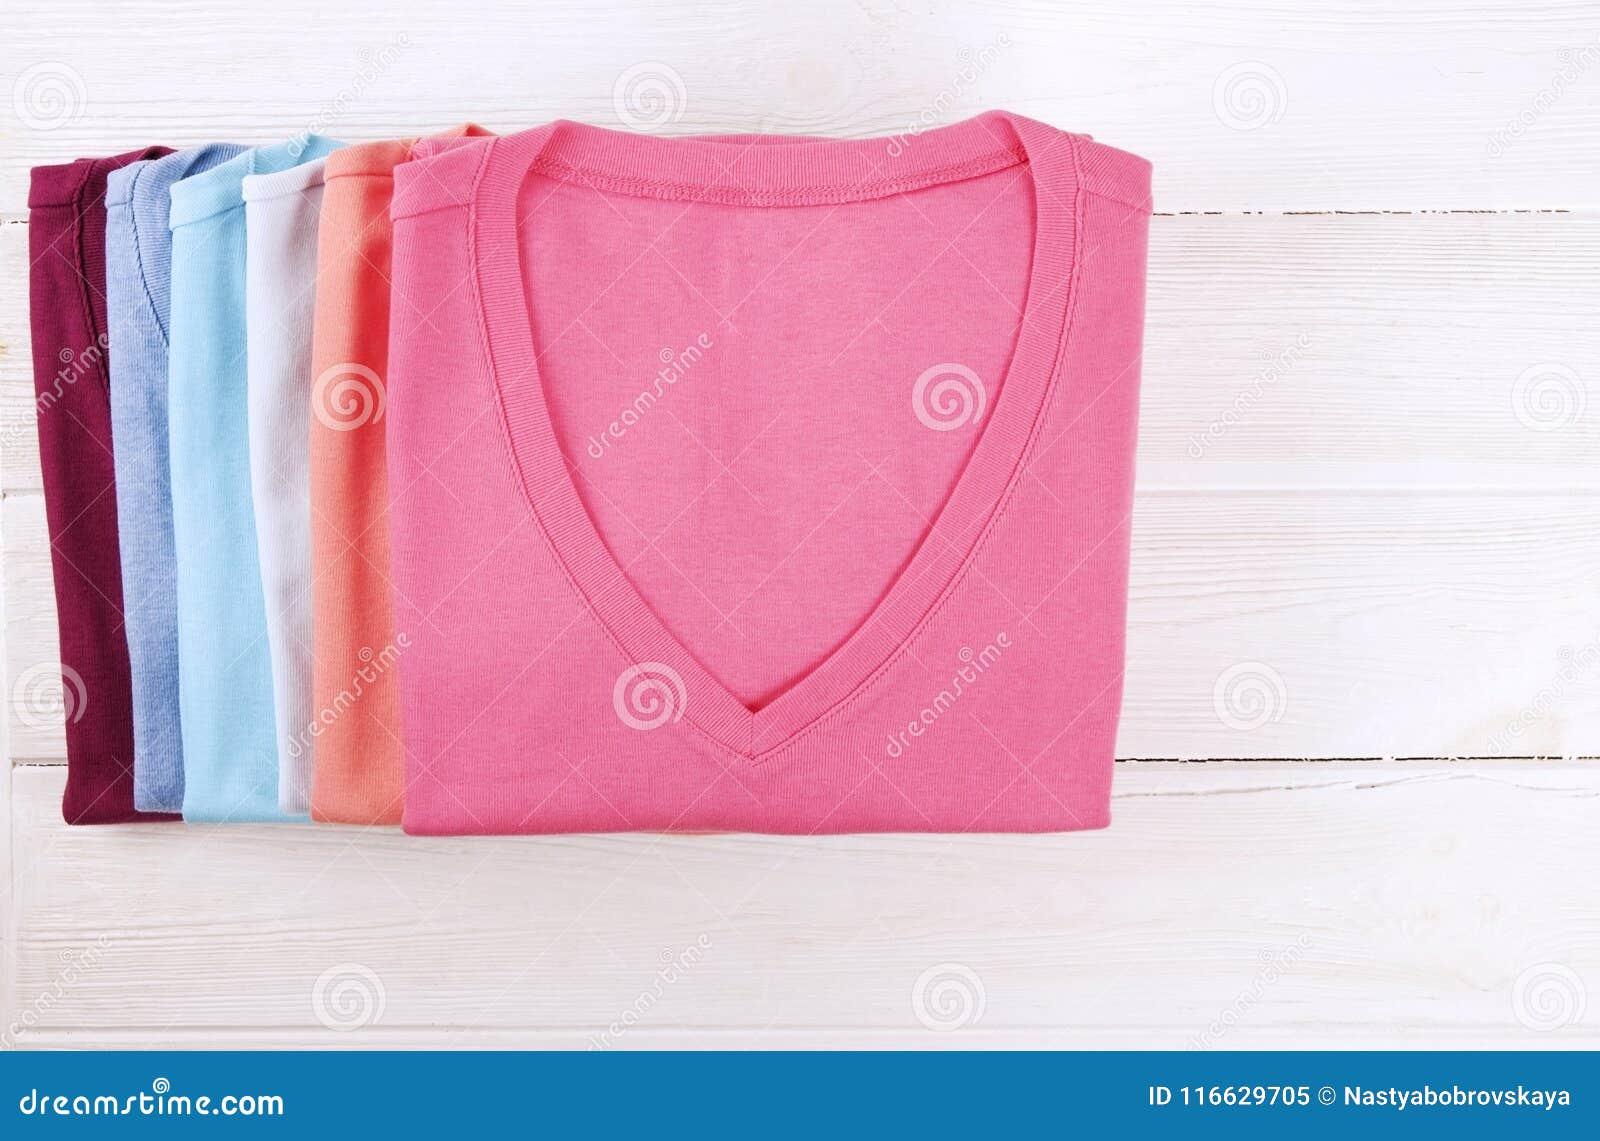 d5b54788f3d4 composizione-con-i-vestiti-piegati-unisex-per-sia-l-uomo-che-donna -colore-differente-materiale-mucchio-della-lavanderia-116629705.jpg